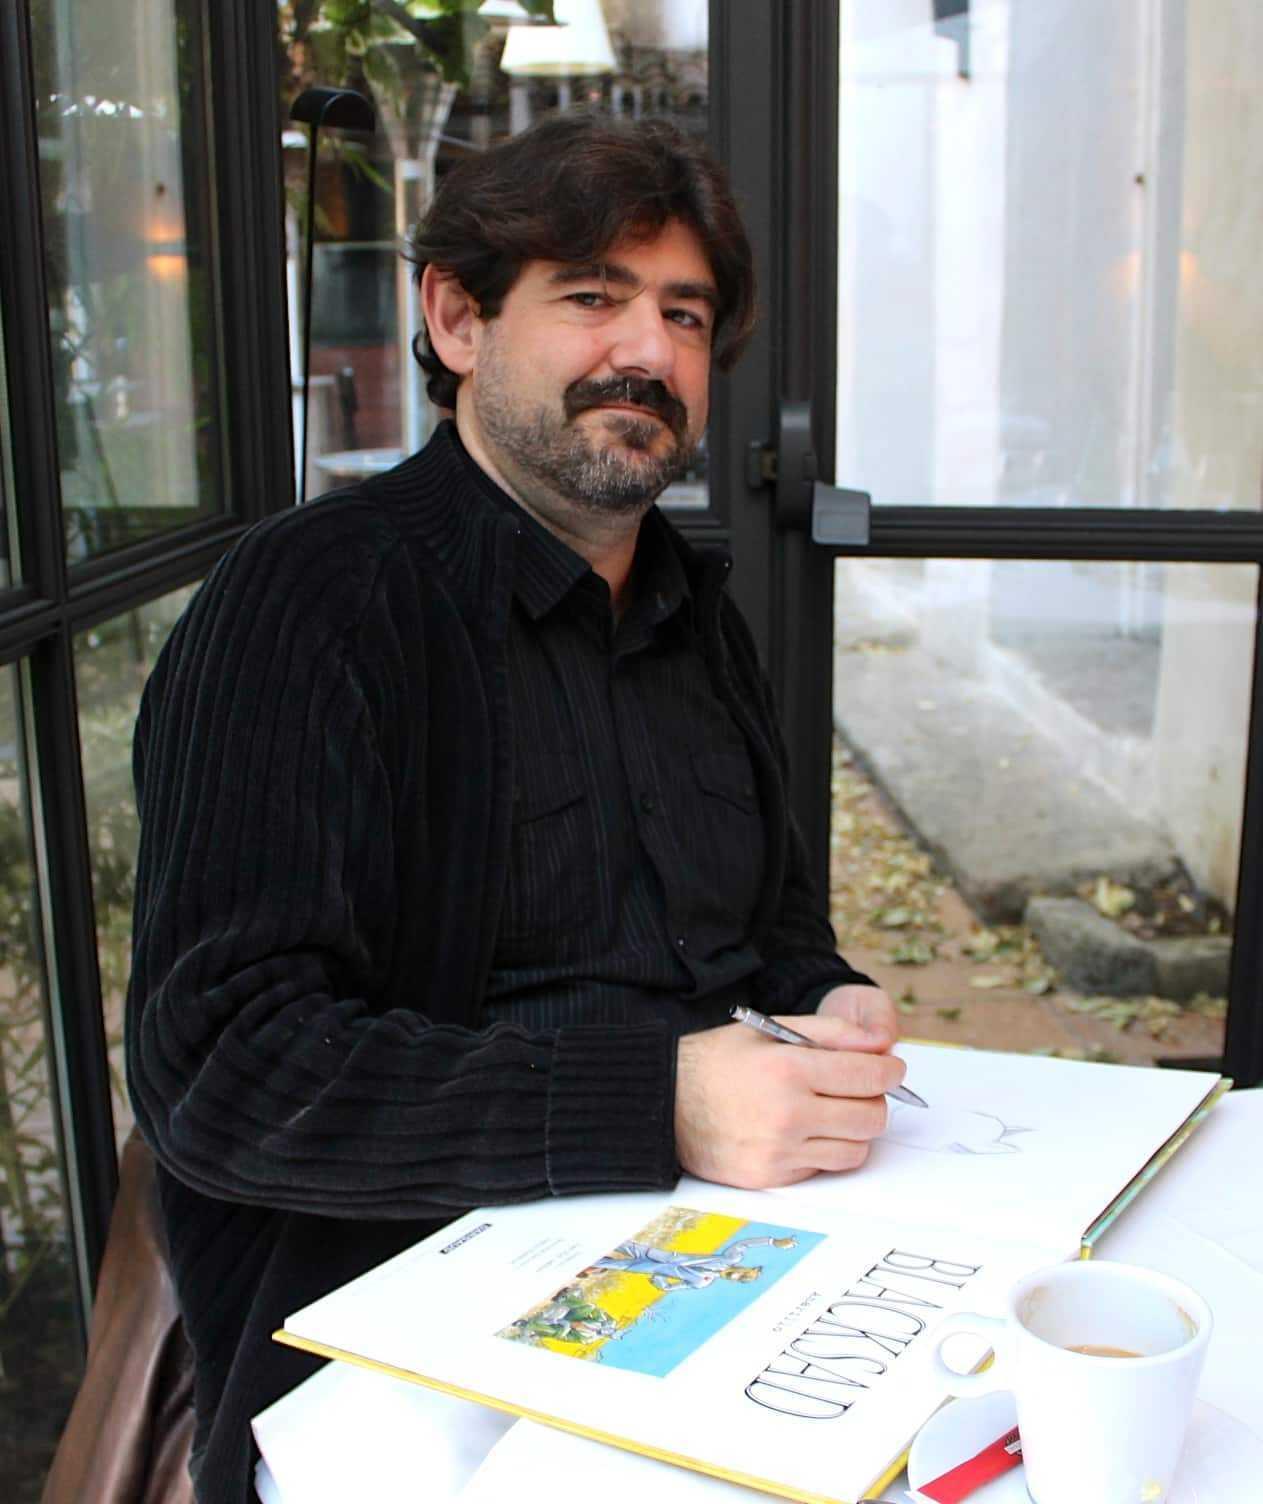 Guarnido à Montpellier : après Blacksad Amarillo, un court-métrage animé plus un album pour une fiction historique